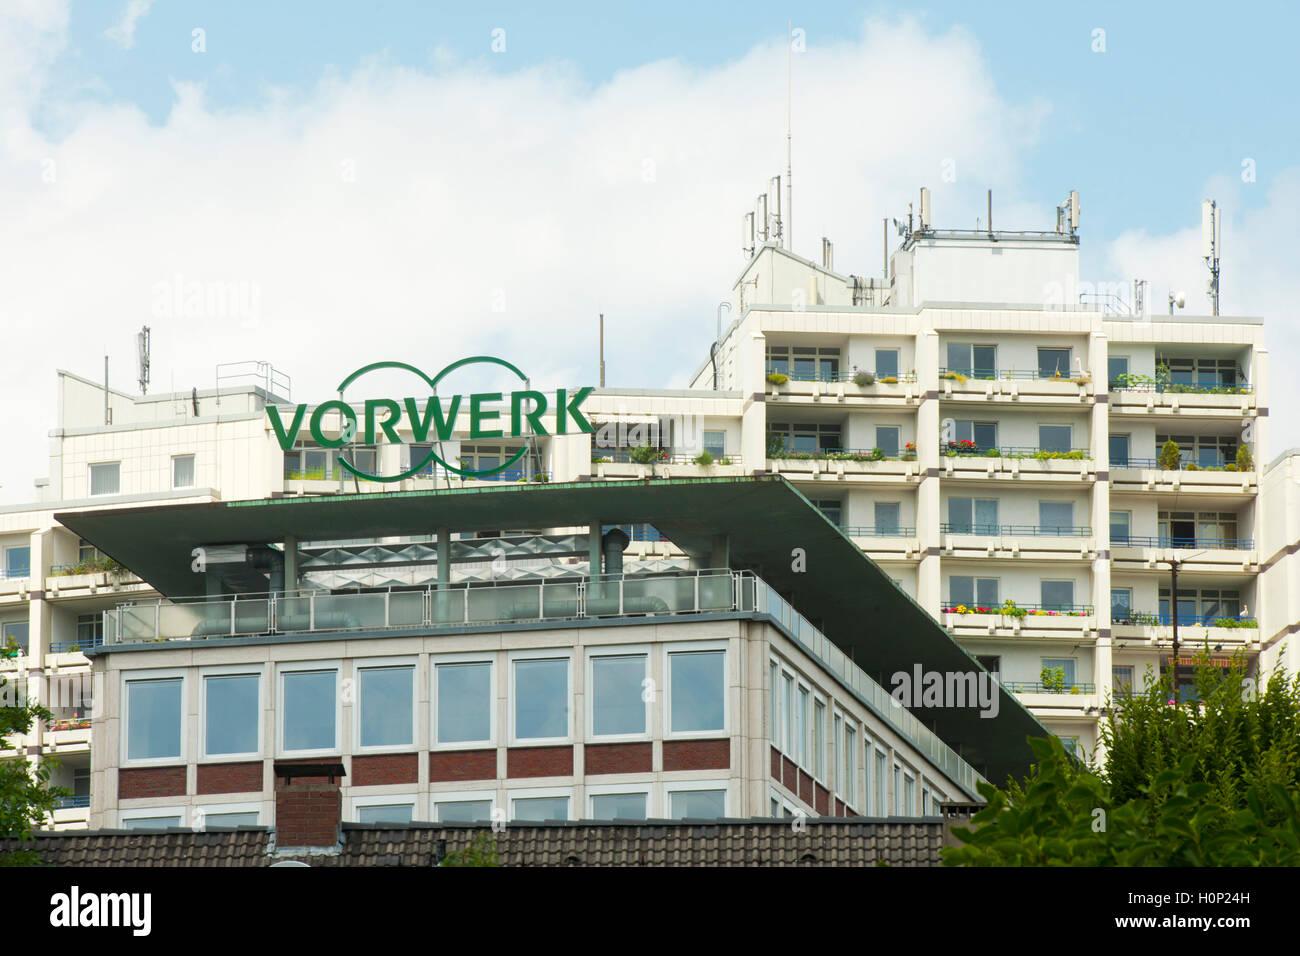 Deutschland, Nordrhein-Westfalen, Wuppertal-Barmen, Architektur, Gebäude der Firma Vohrwerk - Stock Image